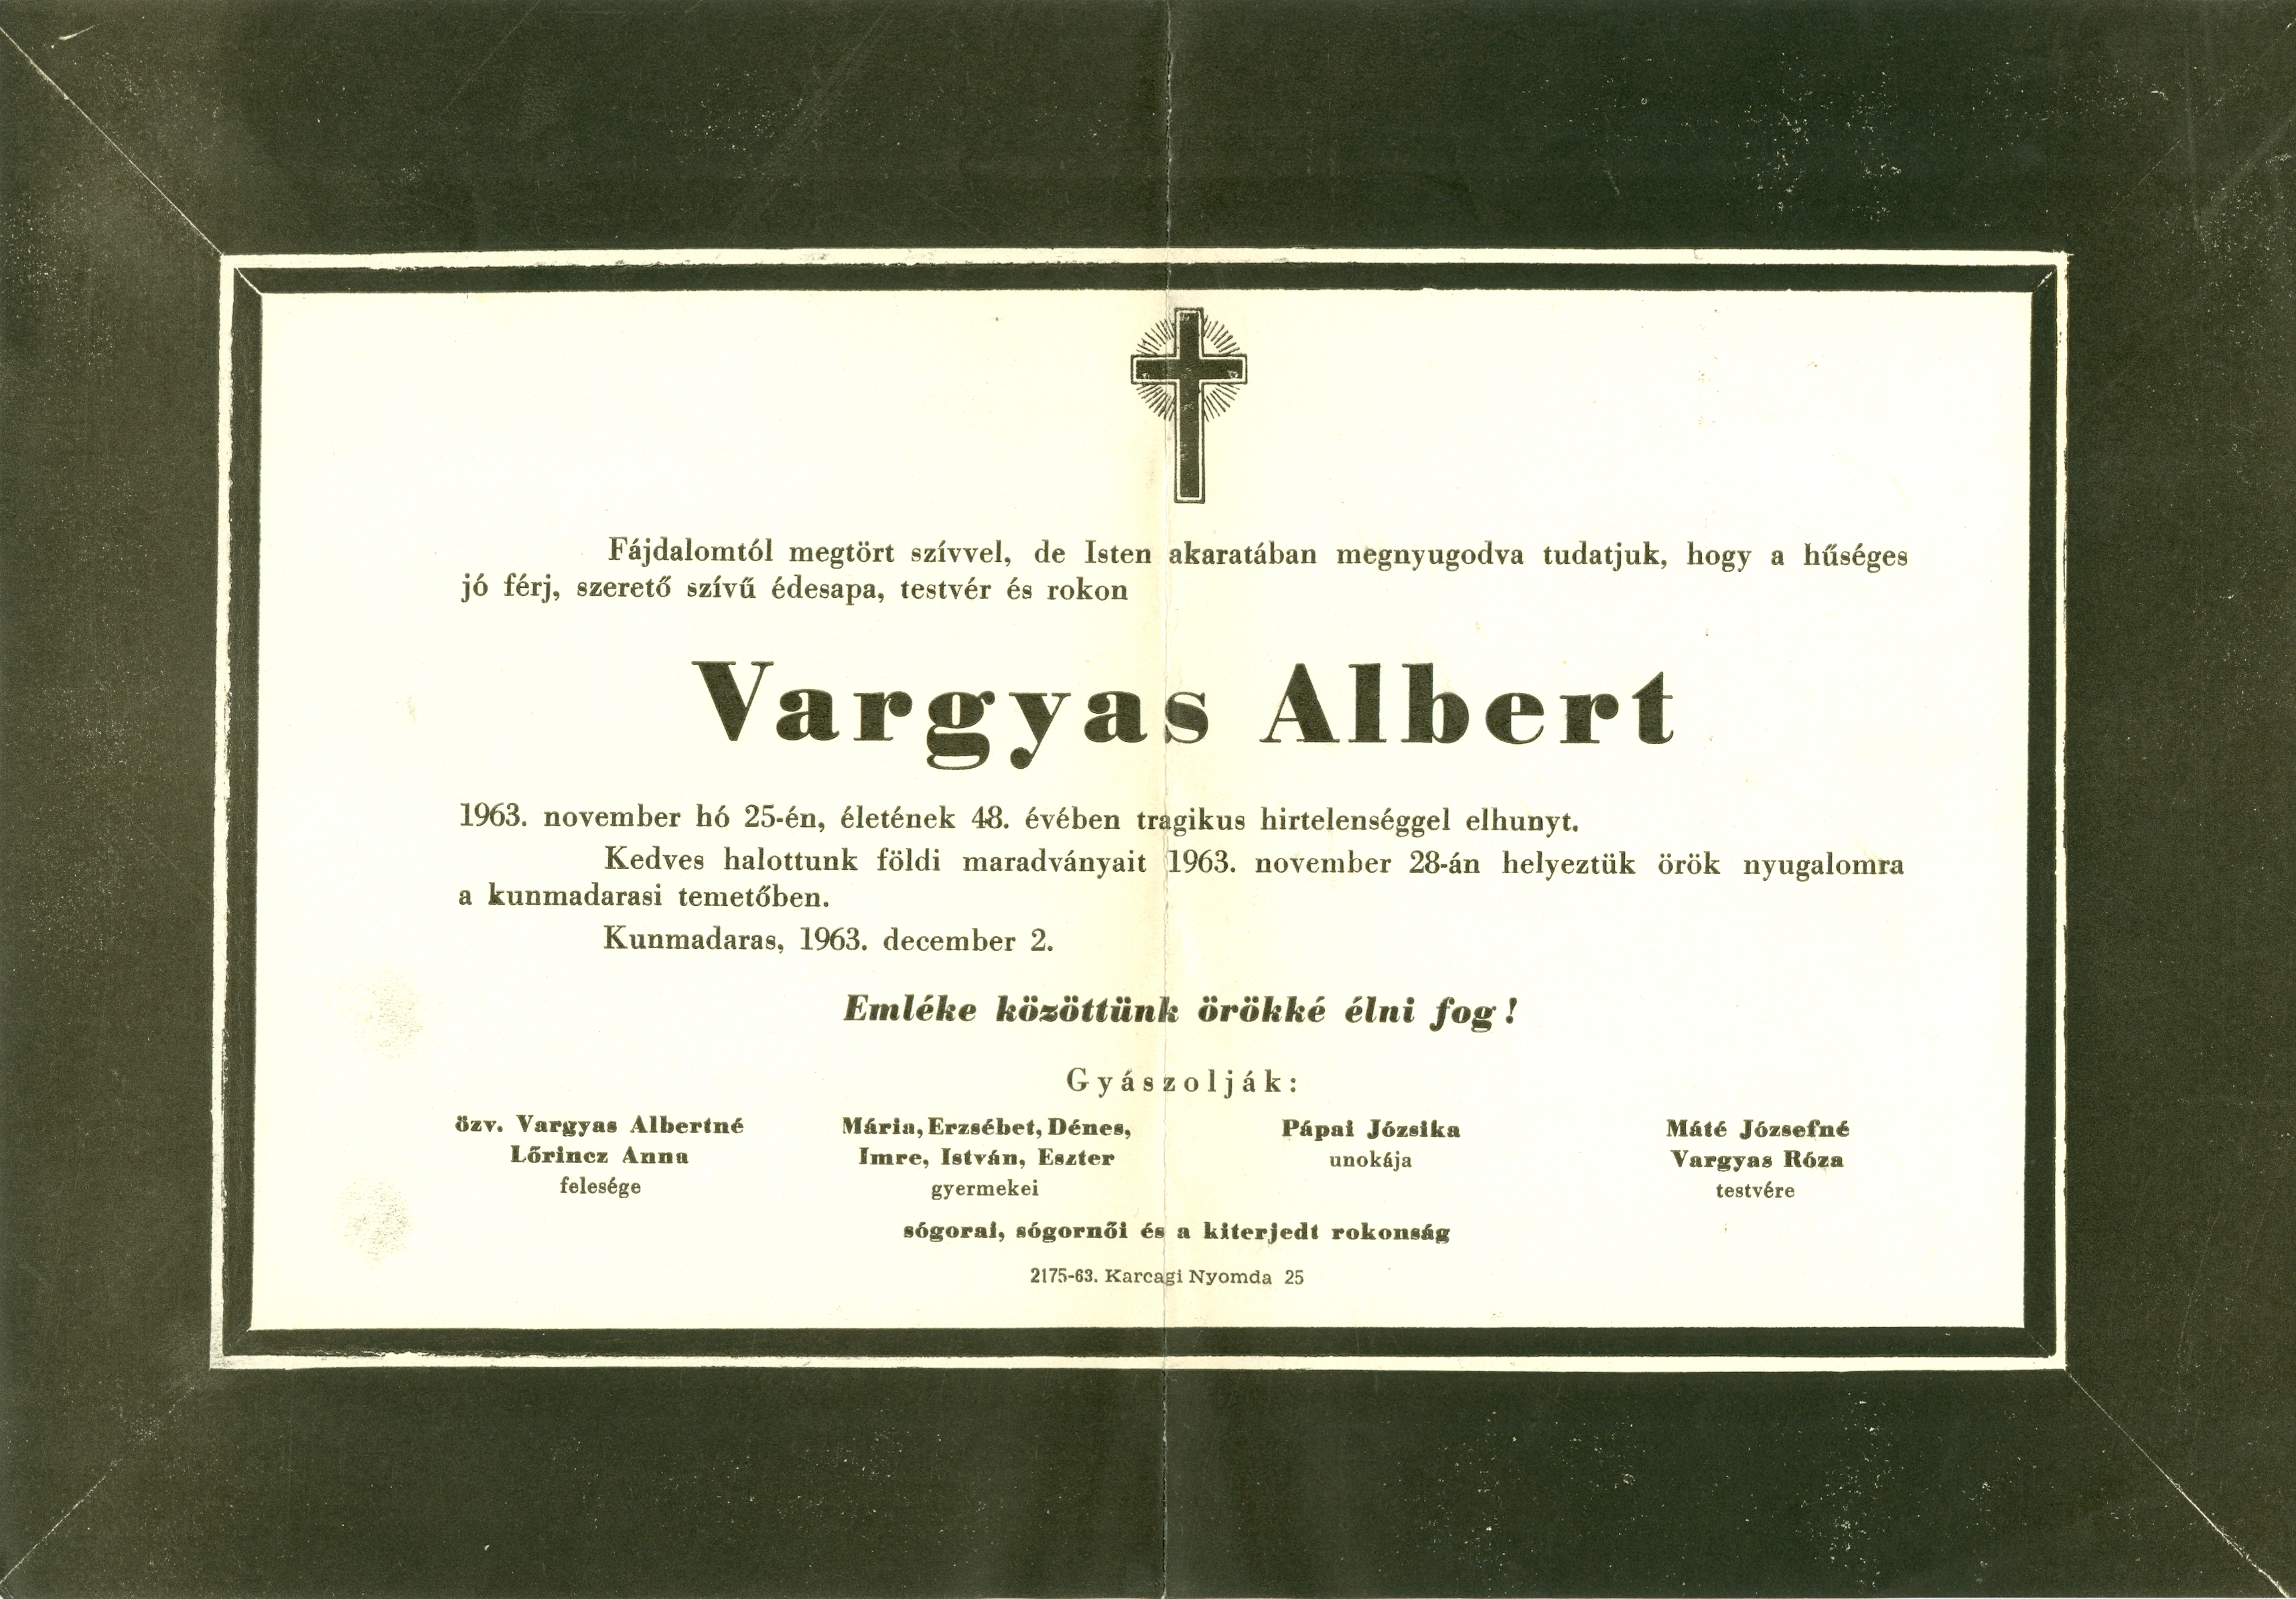 Vargyas Albert